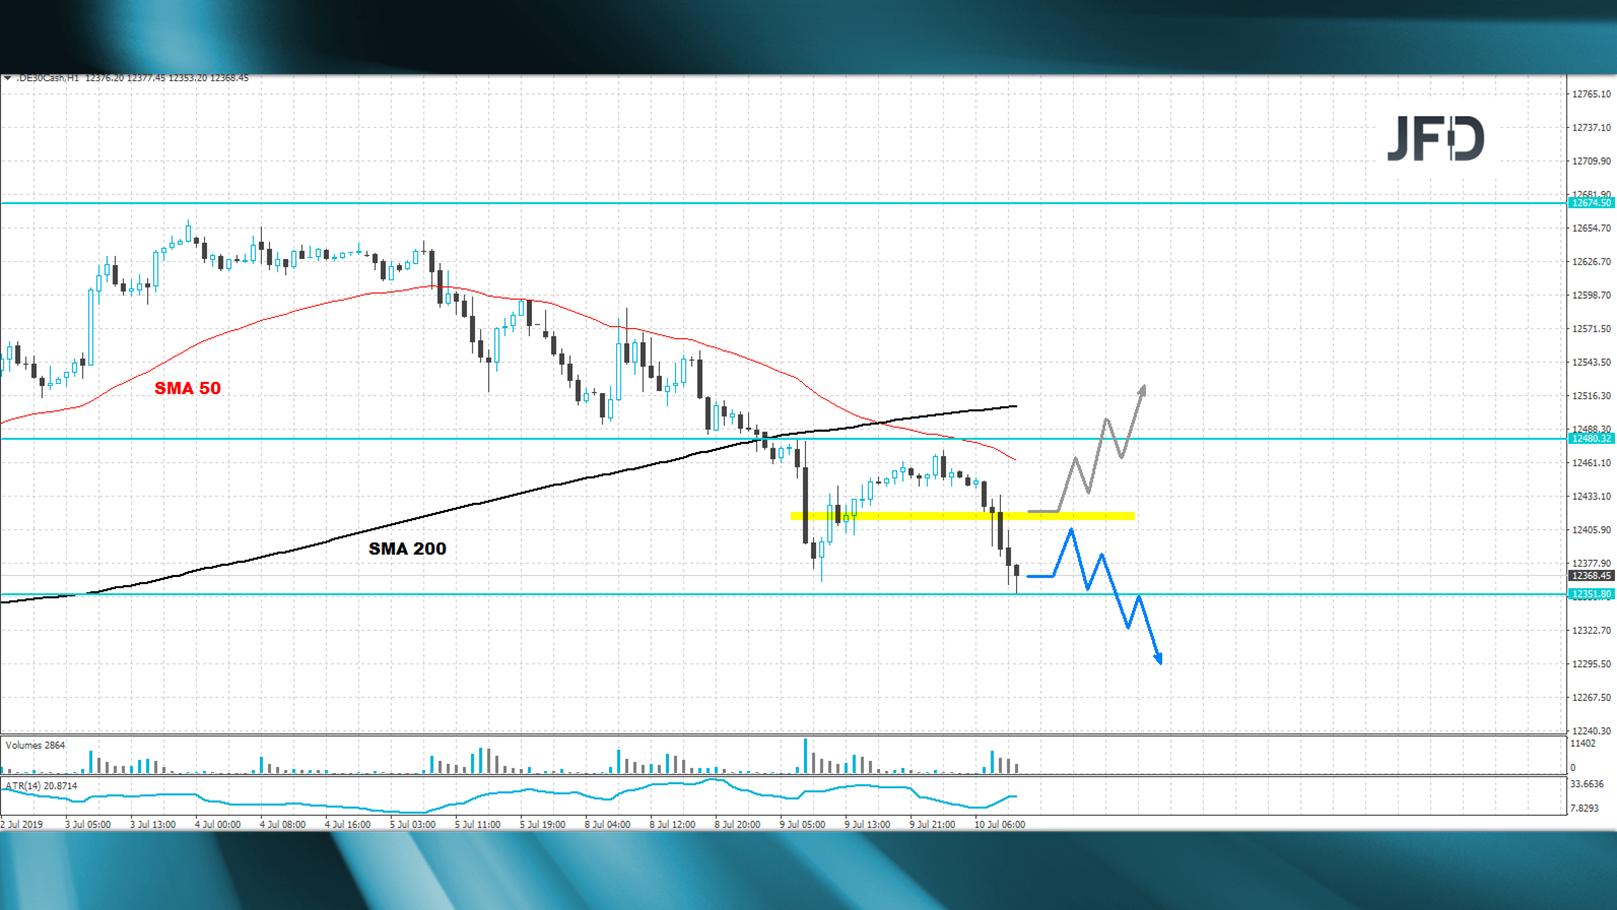 DAX-weiterhin-schwach-und-abwartend-auf-J-Powell-und-das-FOMC-Protokoll-Kommentar-JFD-Bank-GodmodeTrader.de-1